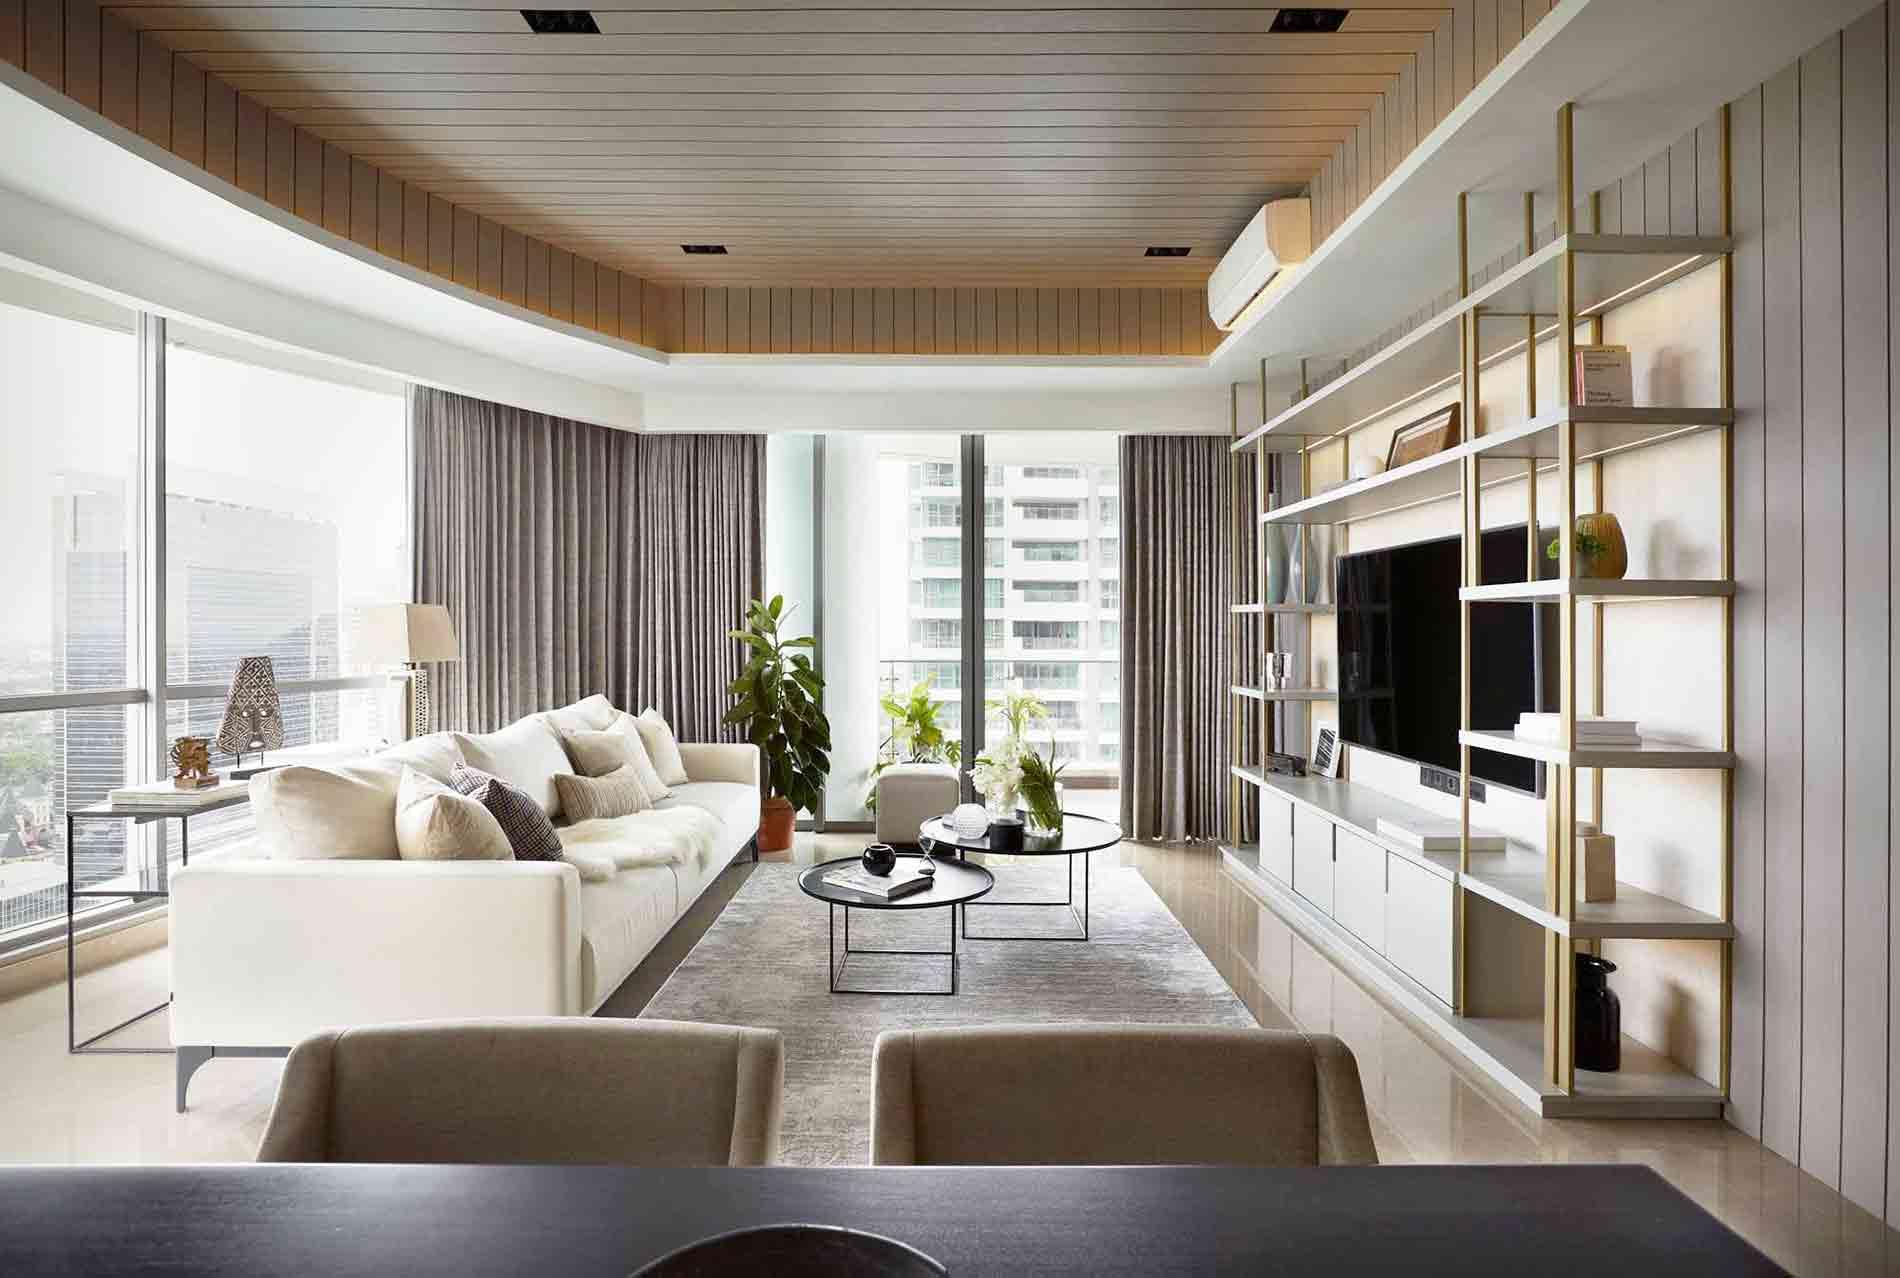 Desain Apartemen Mewah dan Elegan dengan Permainan Material dan Tekstur | Foto artikel Arsitag